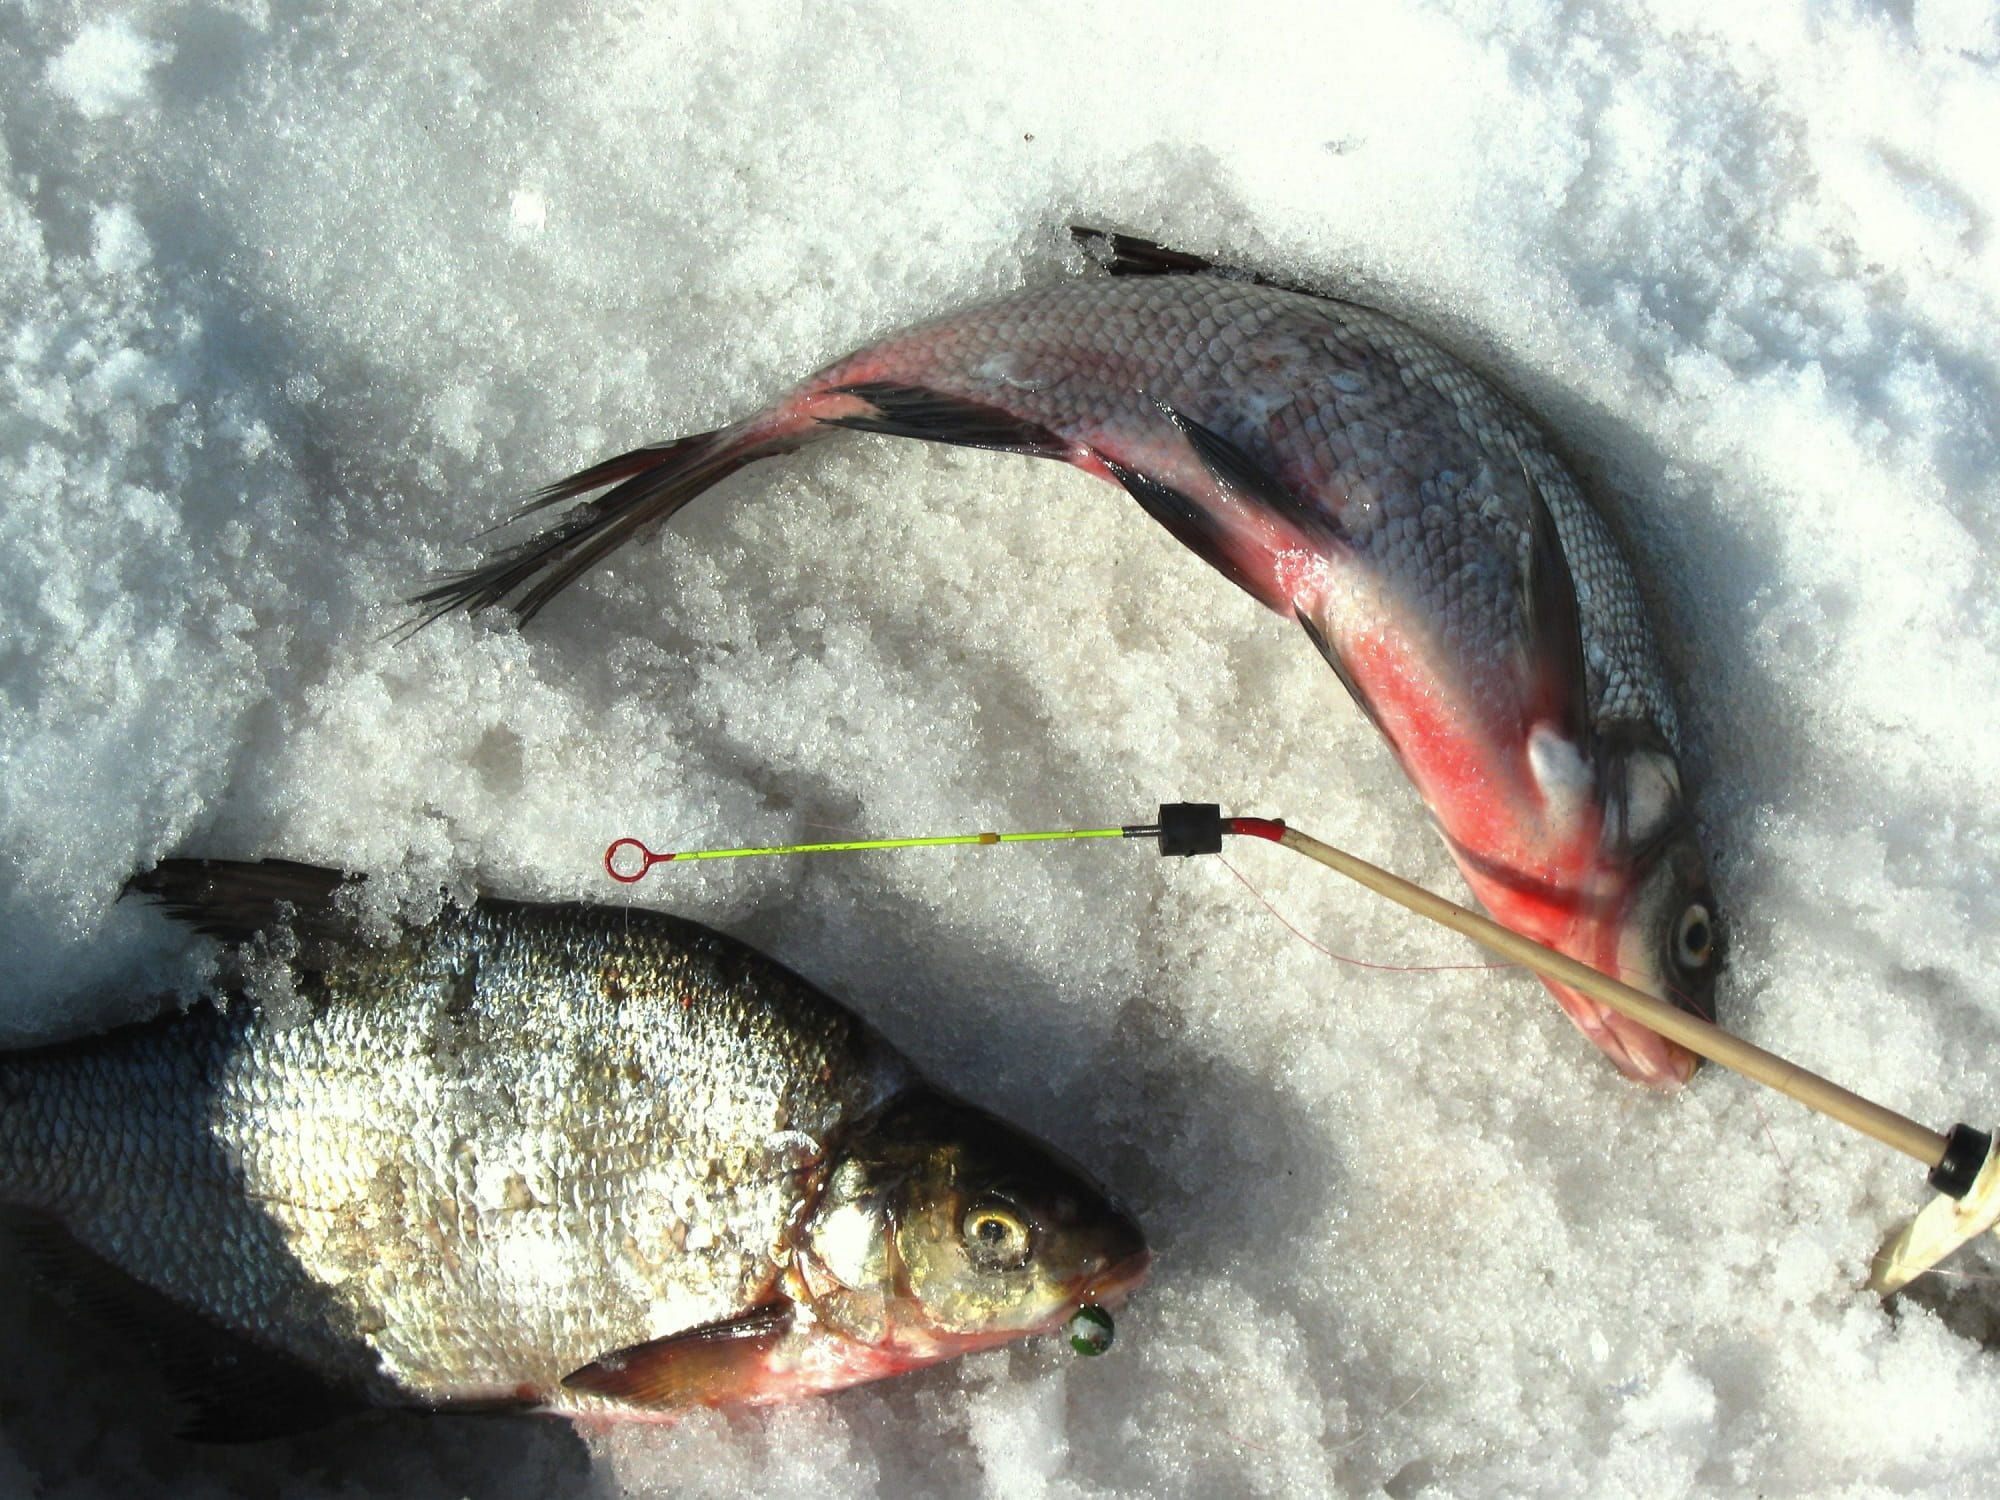 Ловля леща зимой - места и способы ловли, снасти, тактика ловли и советы.